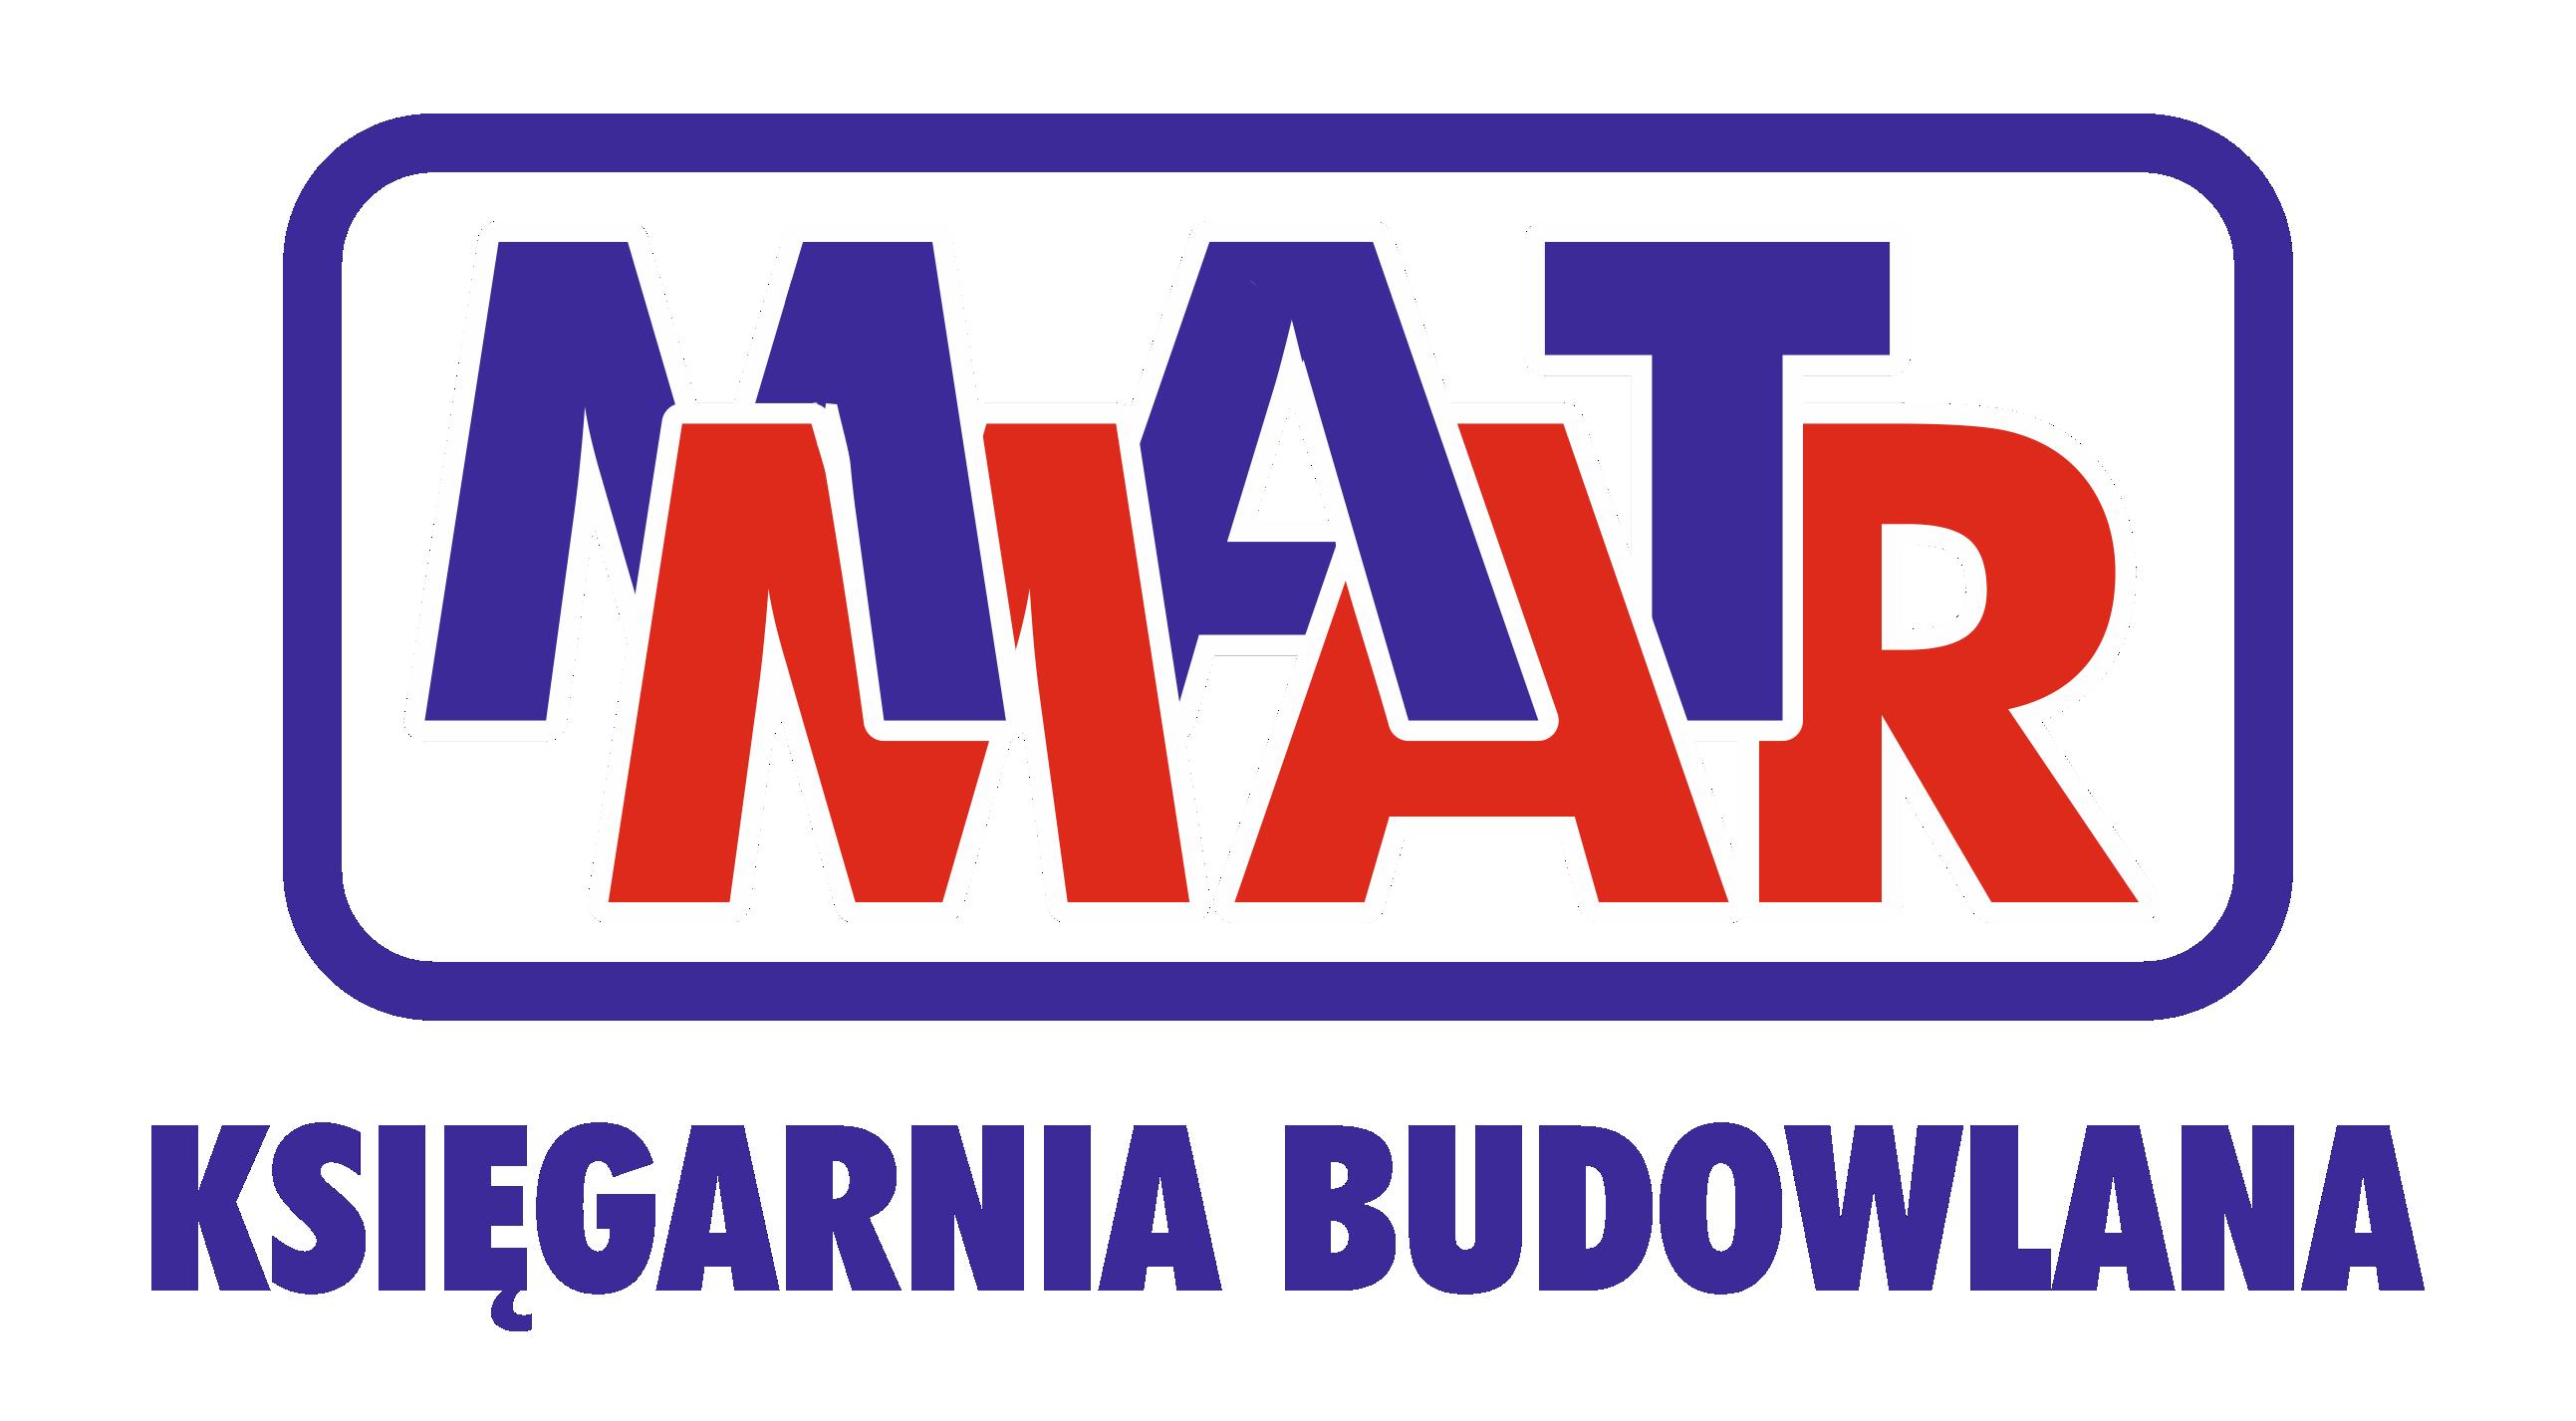 MATMAR Księgarnia budowlana